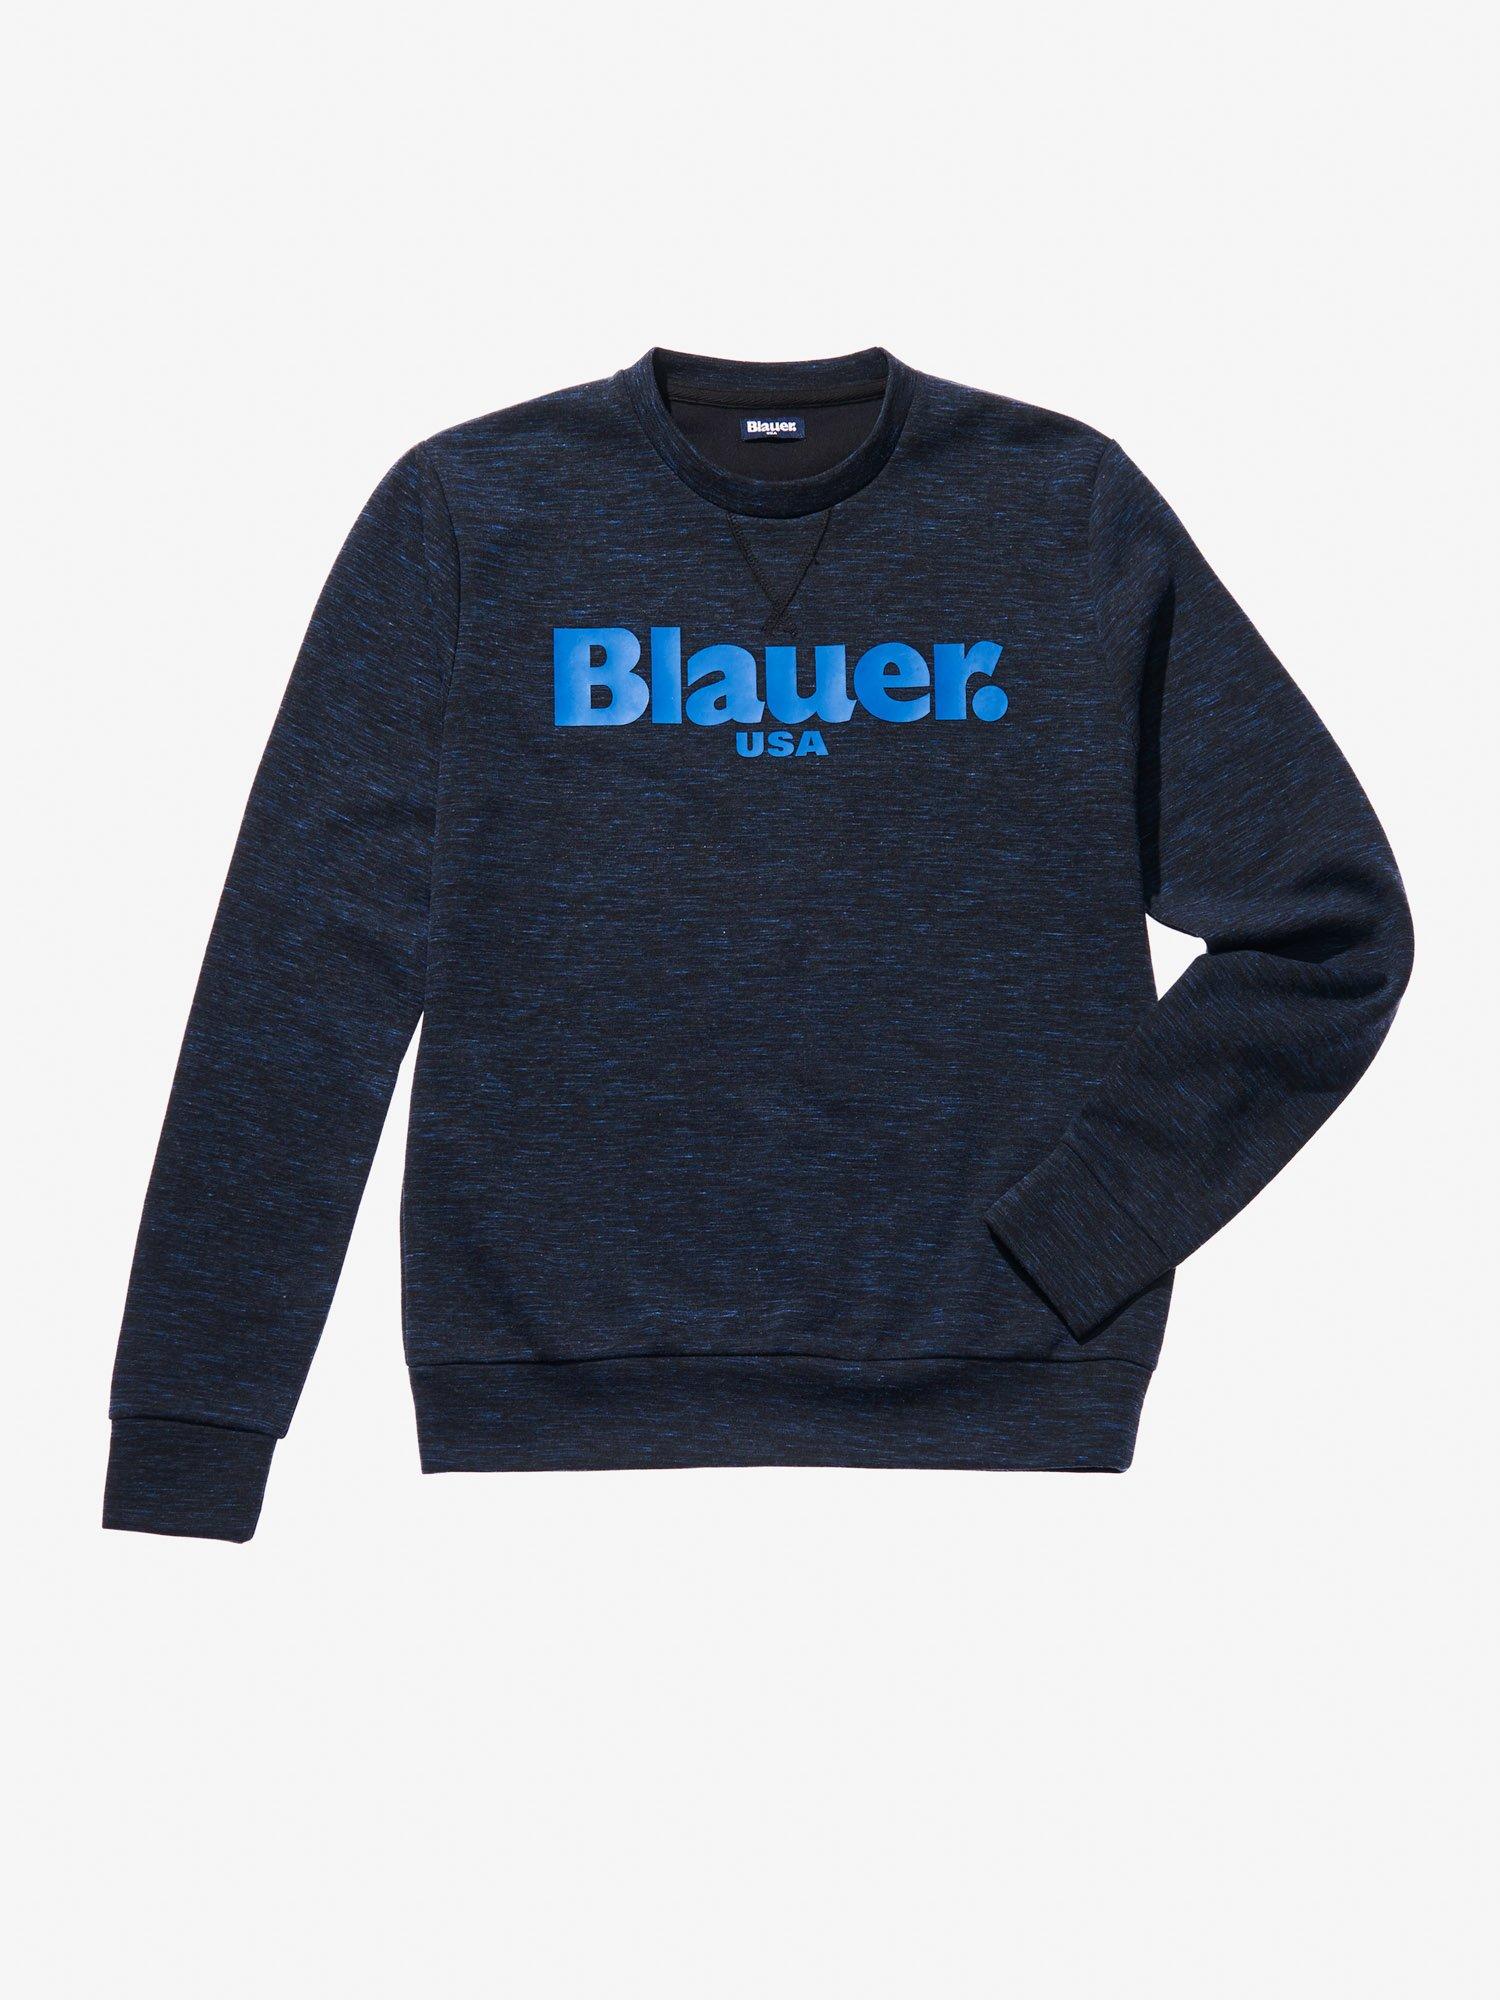 Blauer - FELPA GIROCOLLO FIAMMATA - Blu Scuro Melange - Blauer